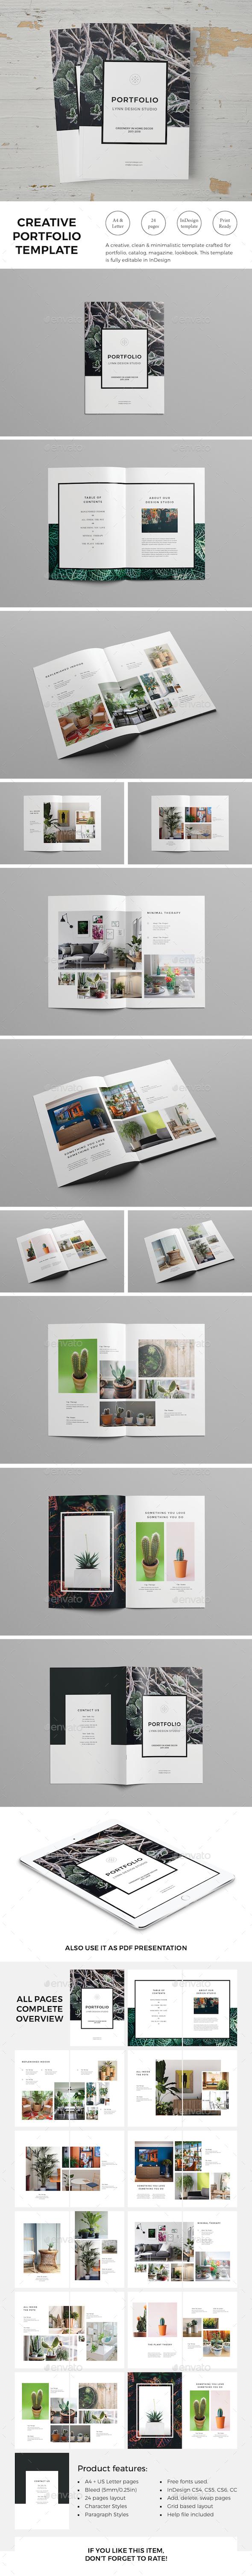 Creative Portfolio Template by tontuz | GraphicRiver